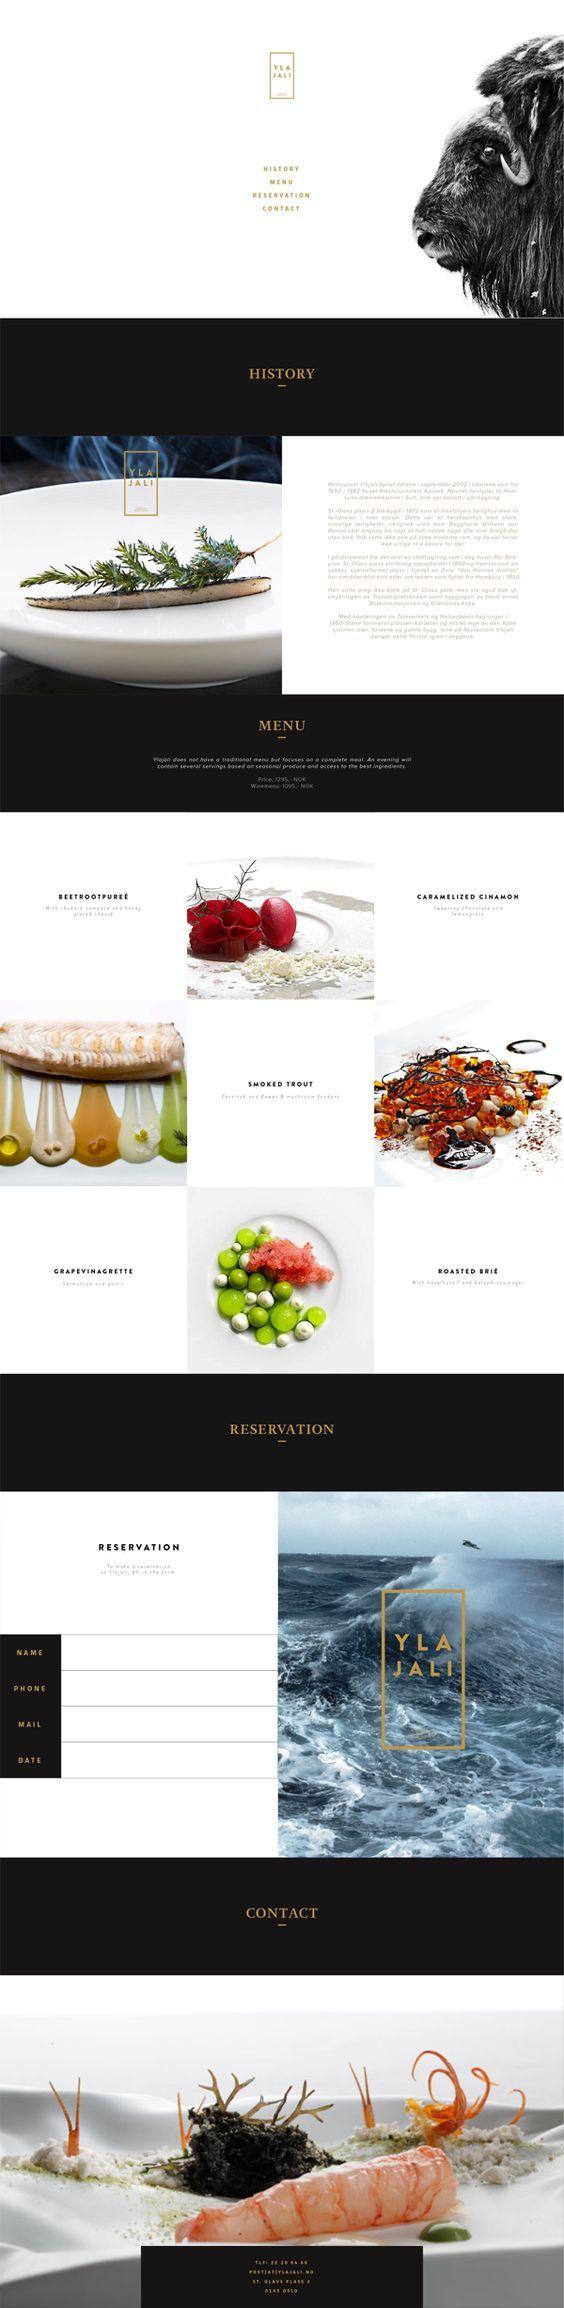 Ylajali Web Design on Behance | Fivestar Branding – Design and Branding Agency & Inspiration Gallery